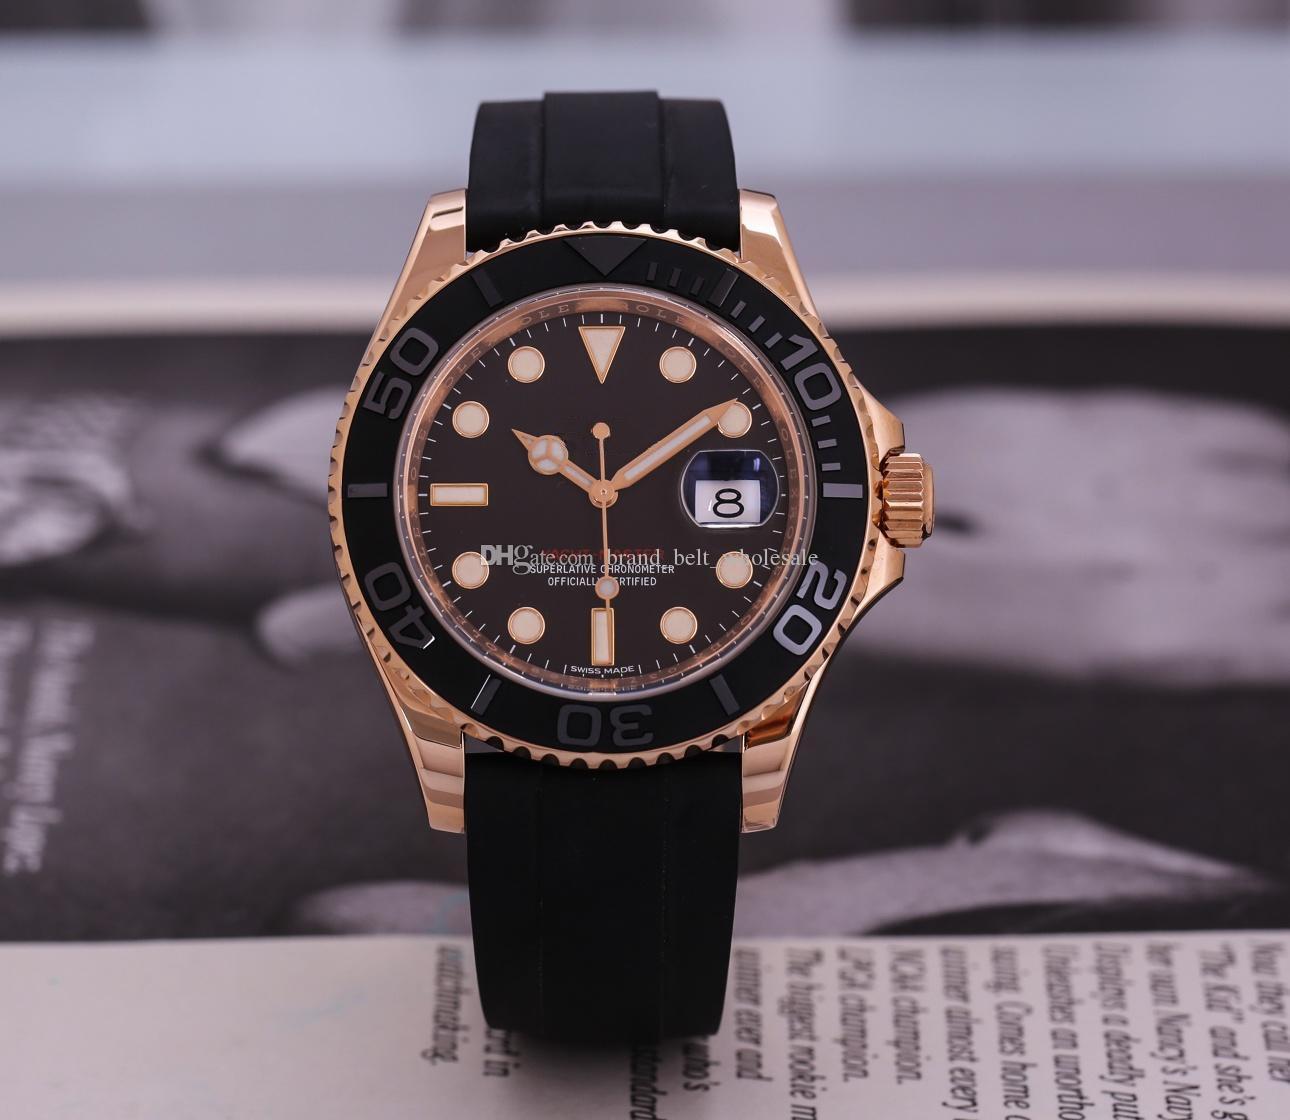 Высококачественные азиатские часы 2813 спортивные автоматические механические мужские часы 116655 розовый золотой резиновый ремень 40 мм матовый черный циферблат запястья